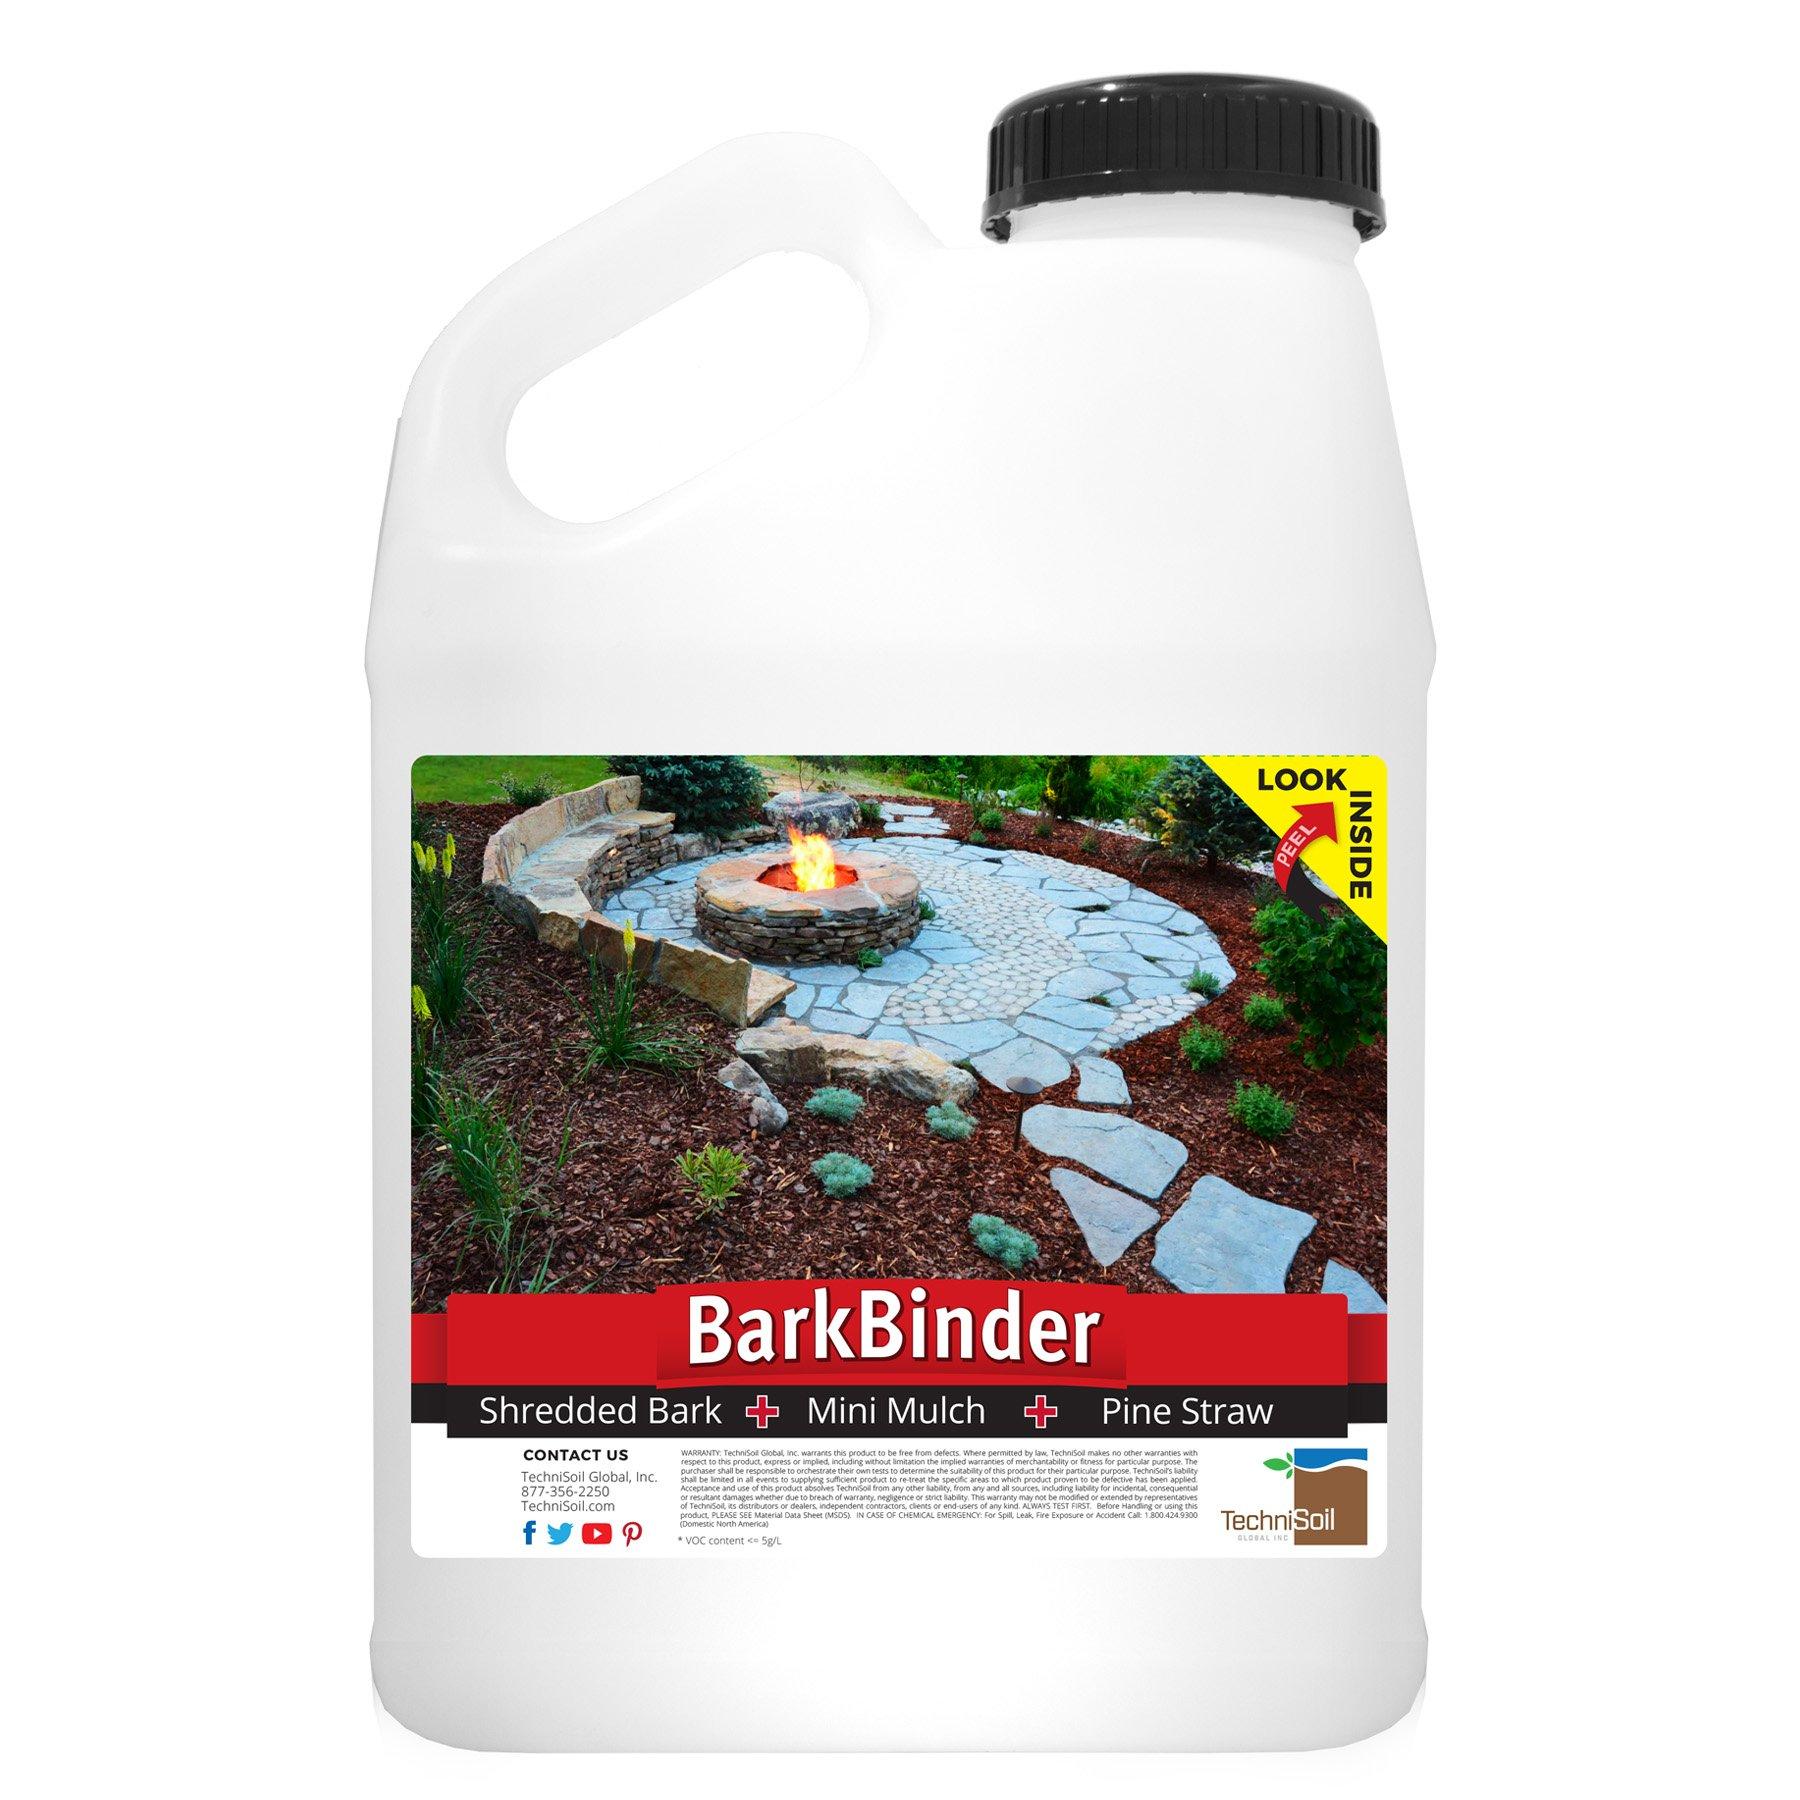 BarkSealer Mulch Color Enhancement & Protection (1-gallon bottle) by TechniSoil (Image #2)